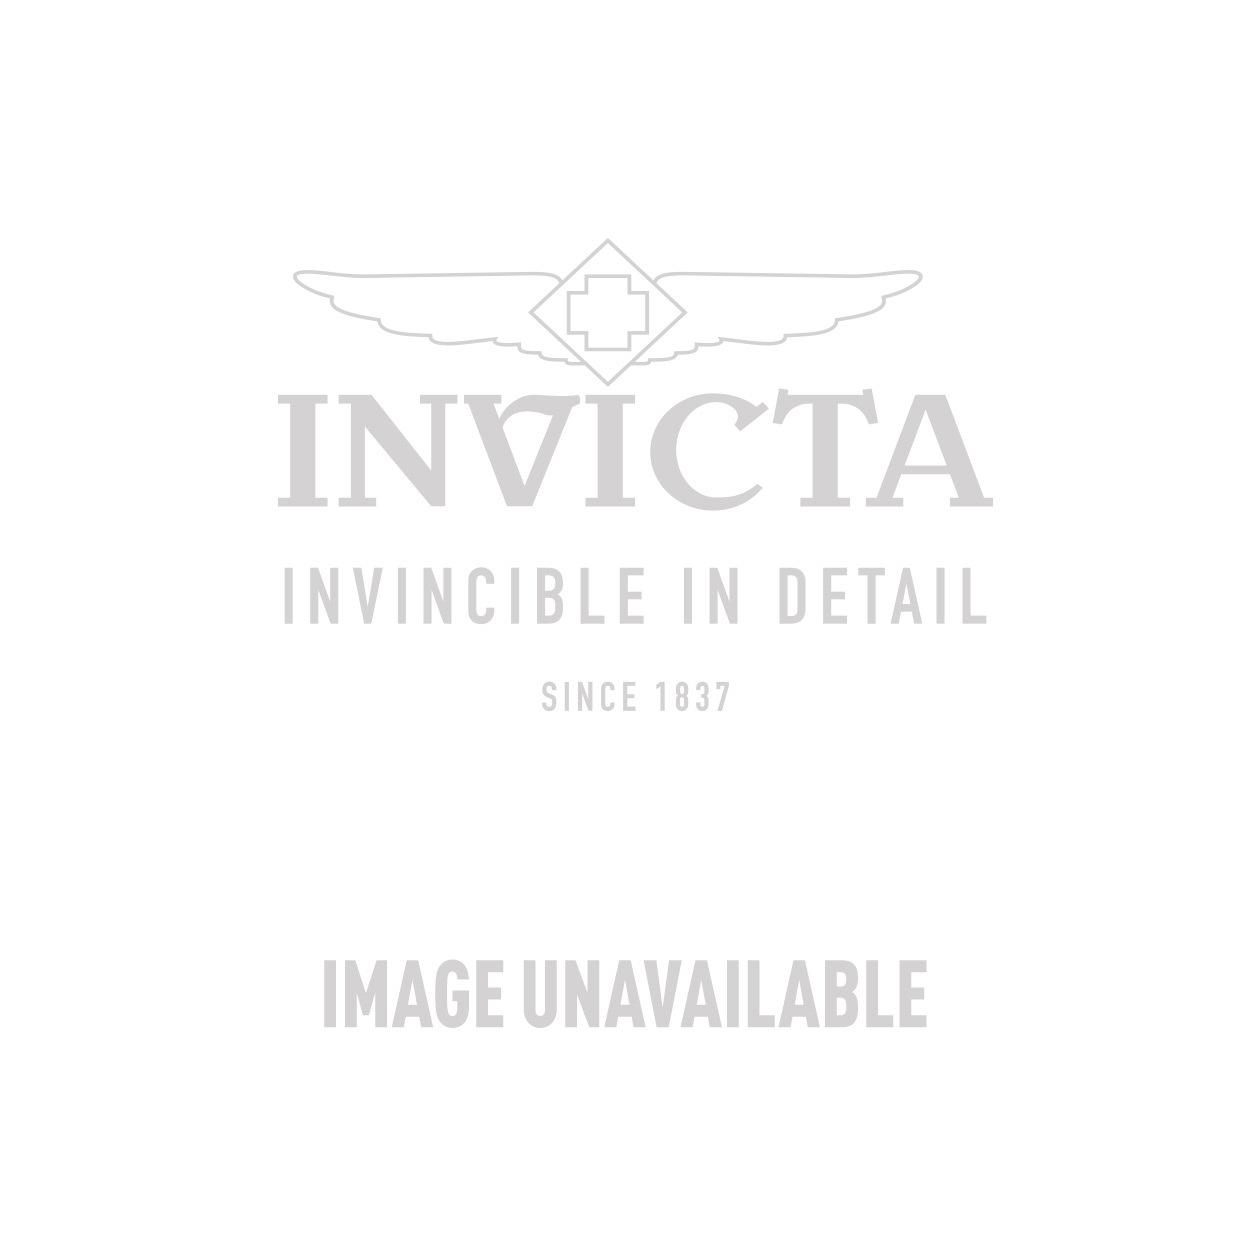 Invicta Model 27277